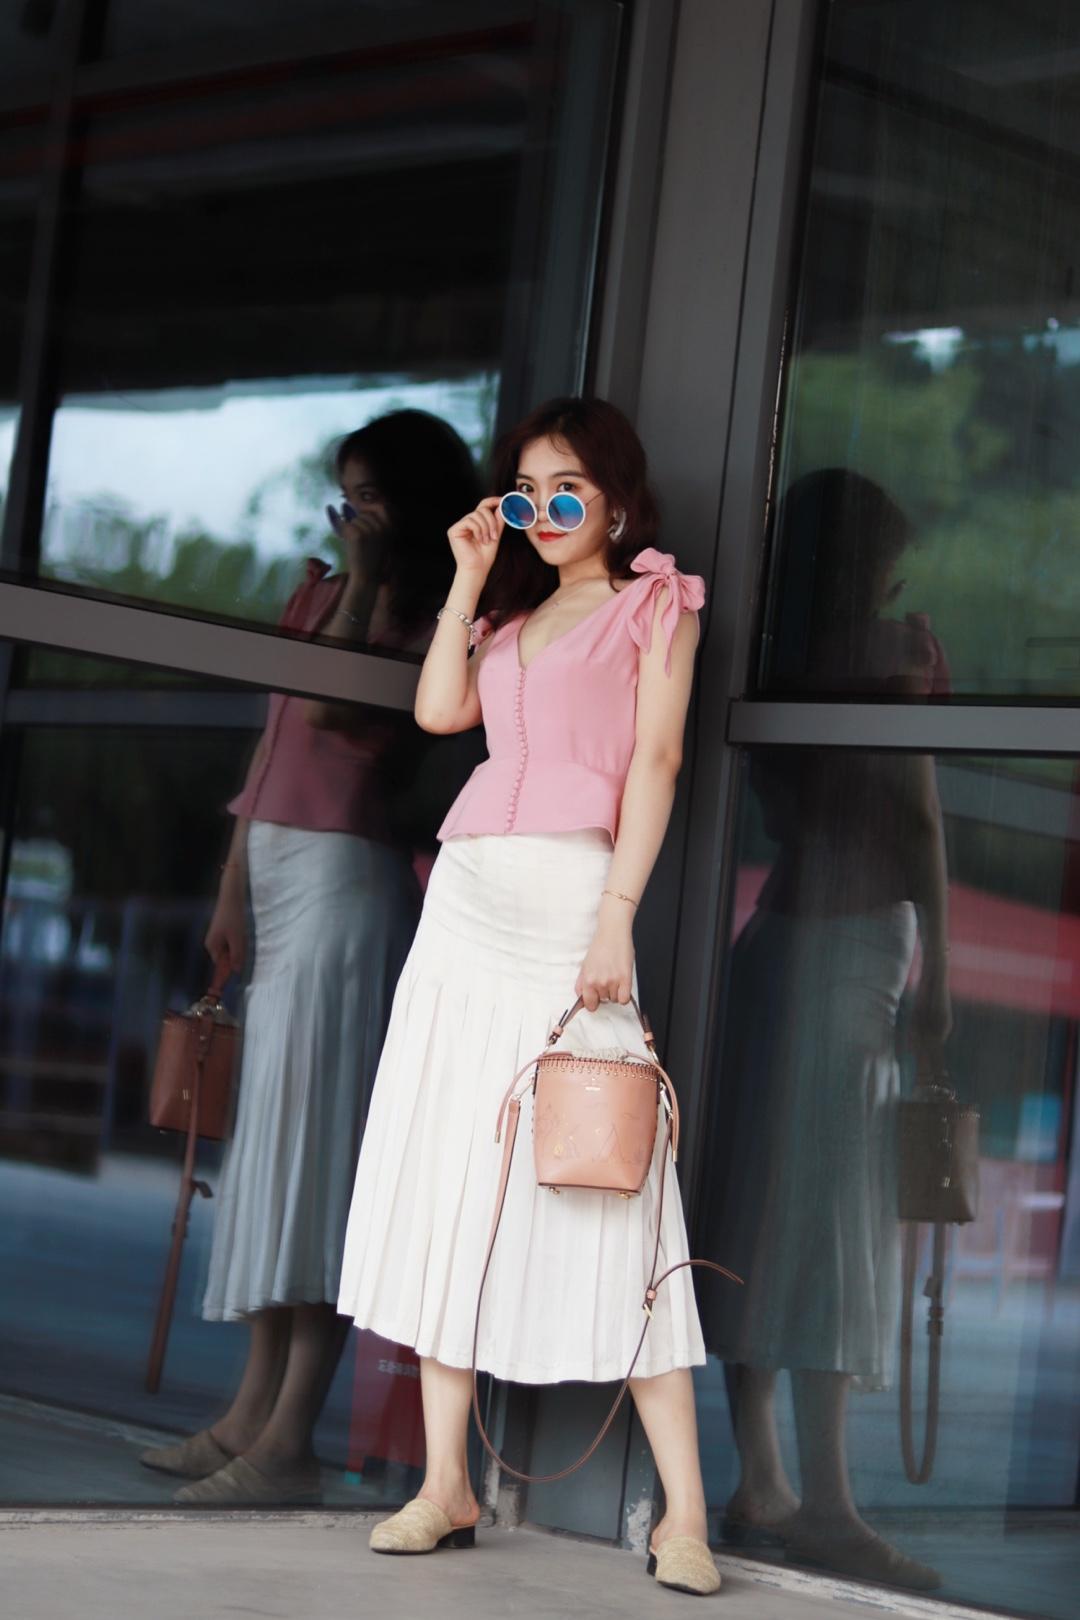 初夏一条真丝百褶裙和粉色系带小背心,就能让你的夏天很甜蜜哦!#我的夏天够瘦够美够清凉# 收腰复古款的小背心、能把腰线卡出来的同时,也能隐藏巨胯、可以说是梨形身材的MM一个很好搭配的单品了!配上少女感十足的半裙、完爆这个夏天!